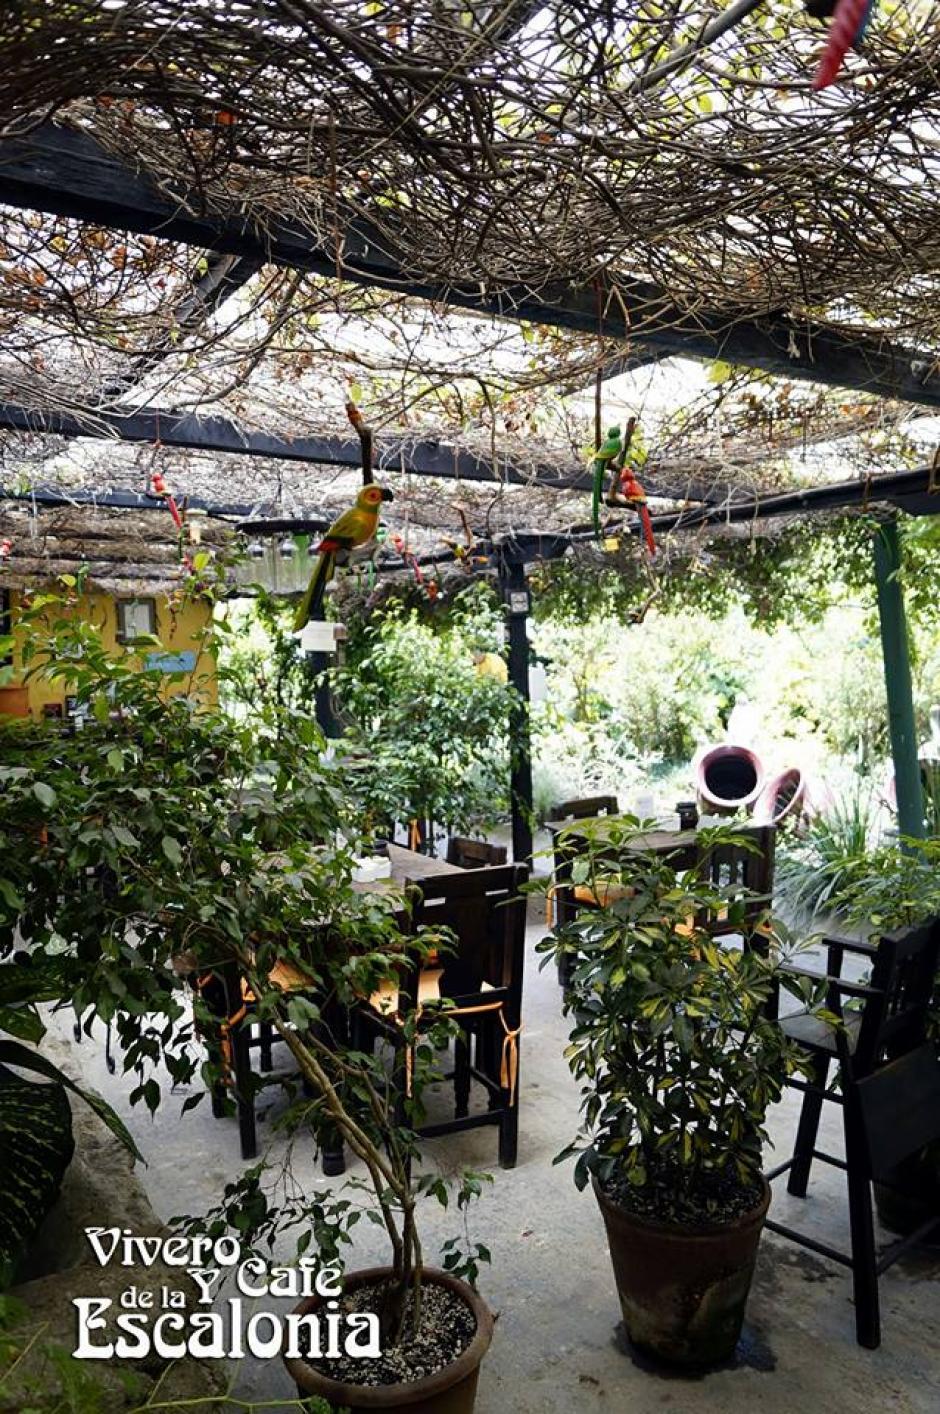 También puedes probar deliciosos platillos mientras disfrutas del lugar. (Foto: Vivero y Café Las Escalonia)